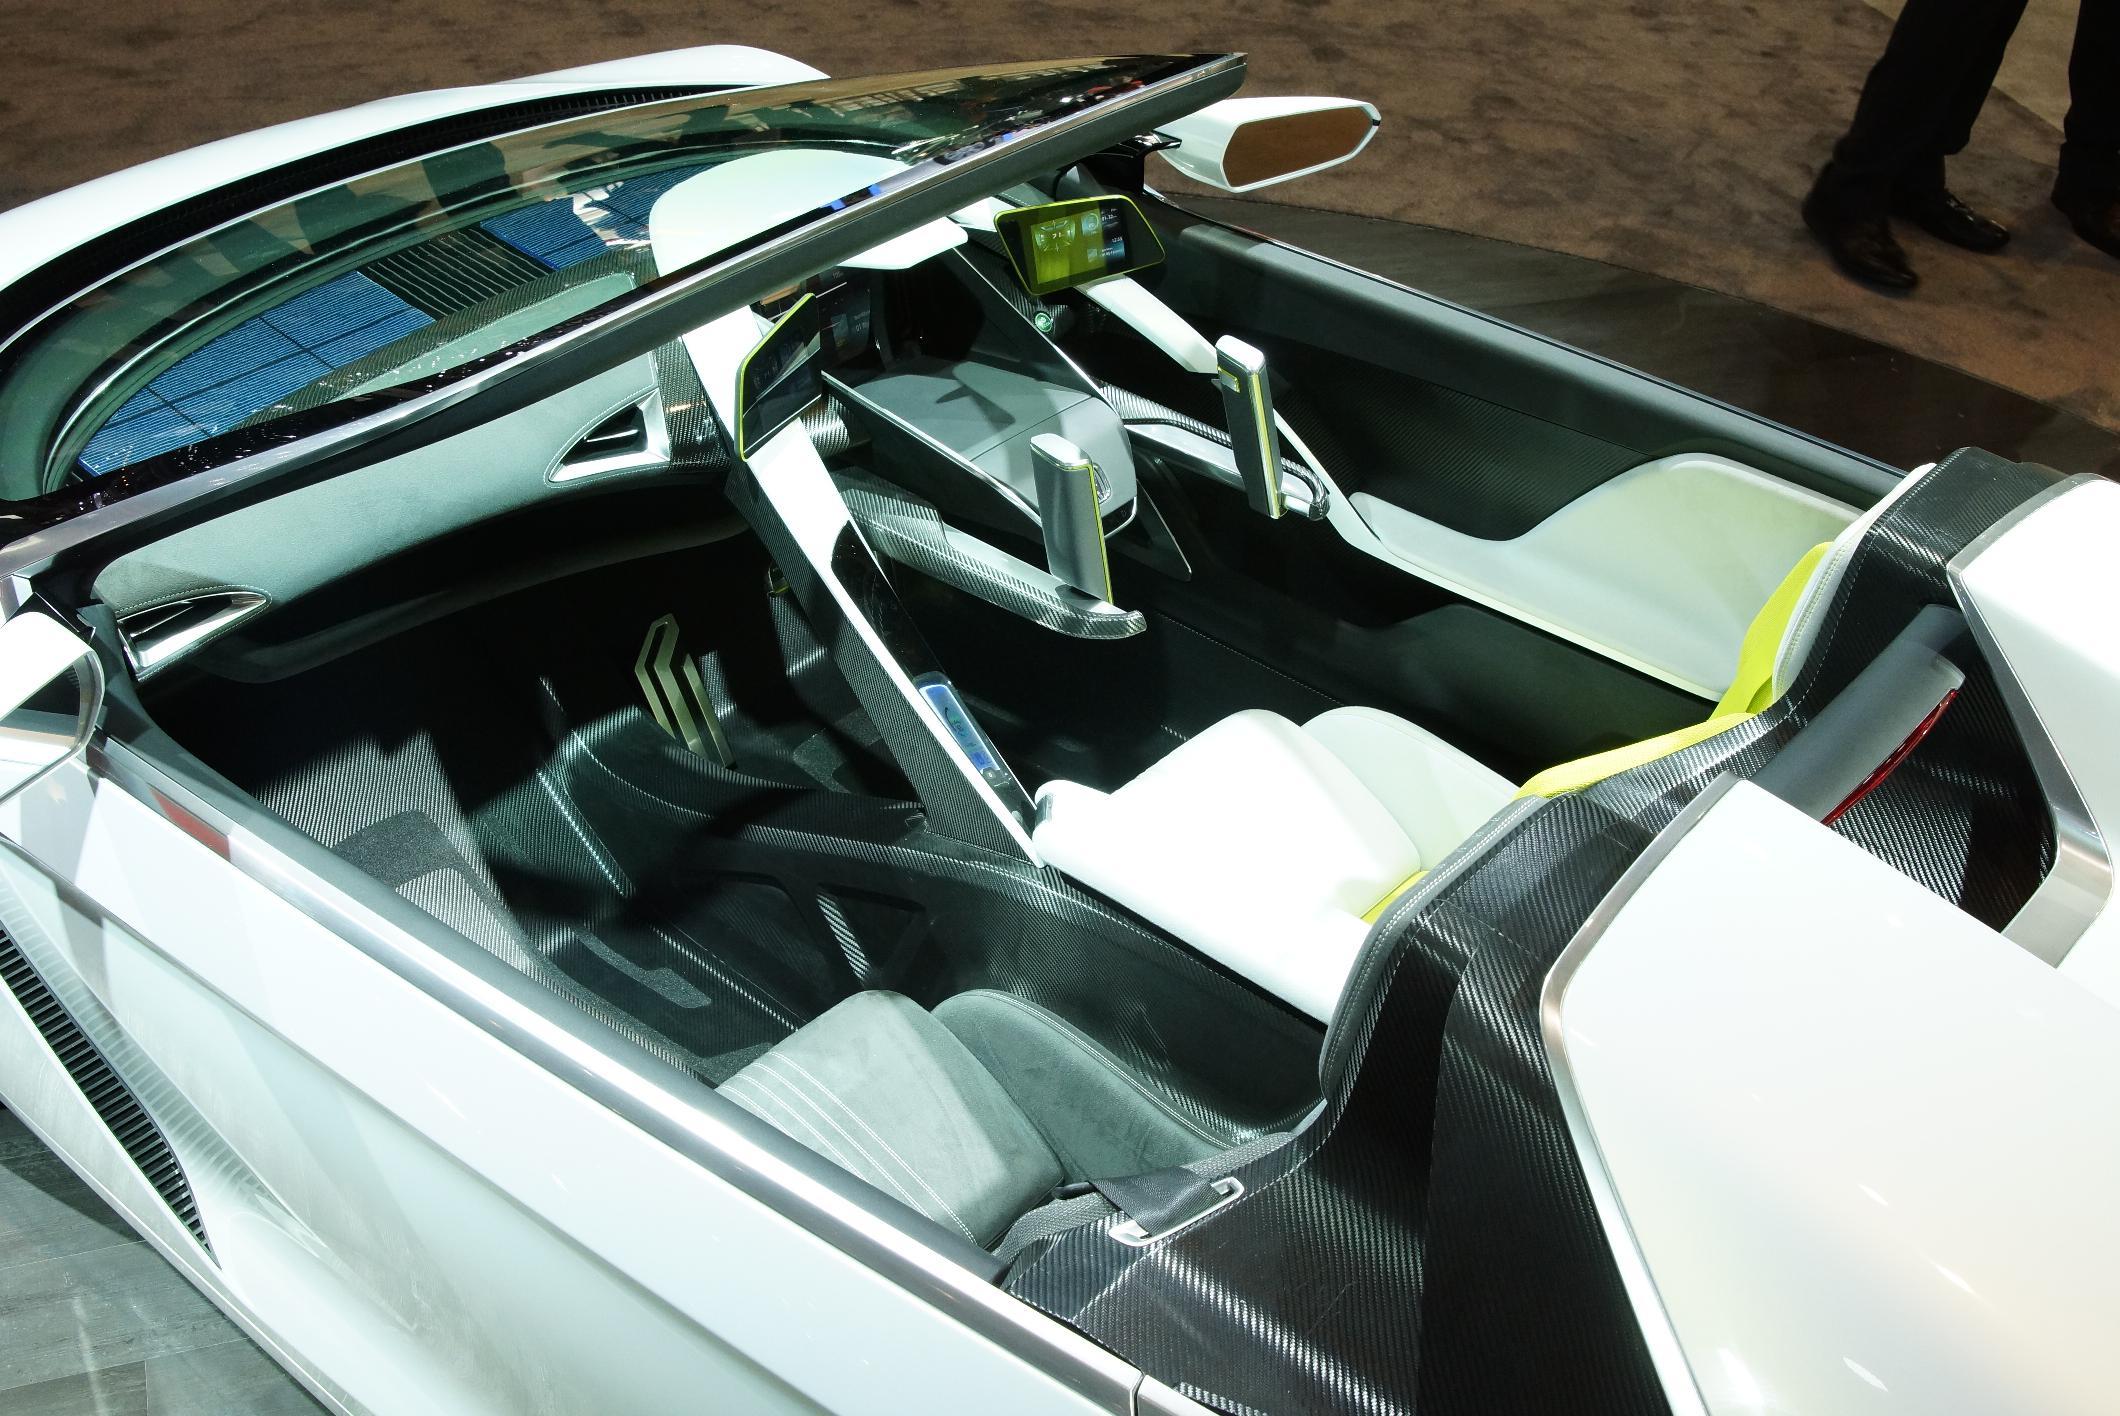 Honda EV-Ster Geneva 2012 Interior